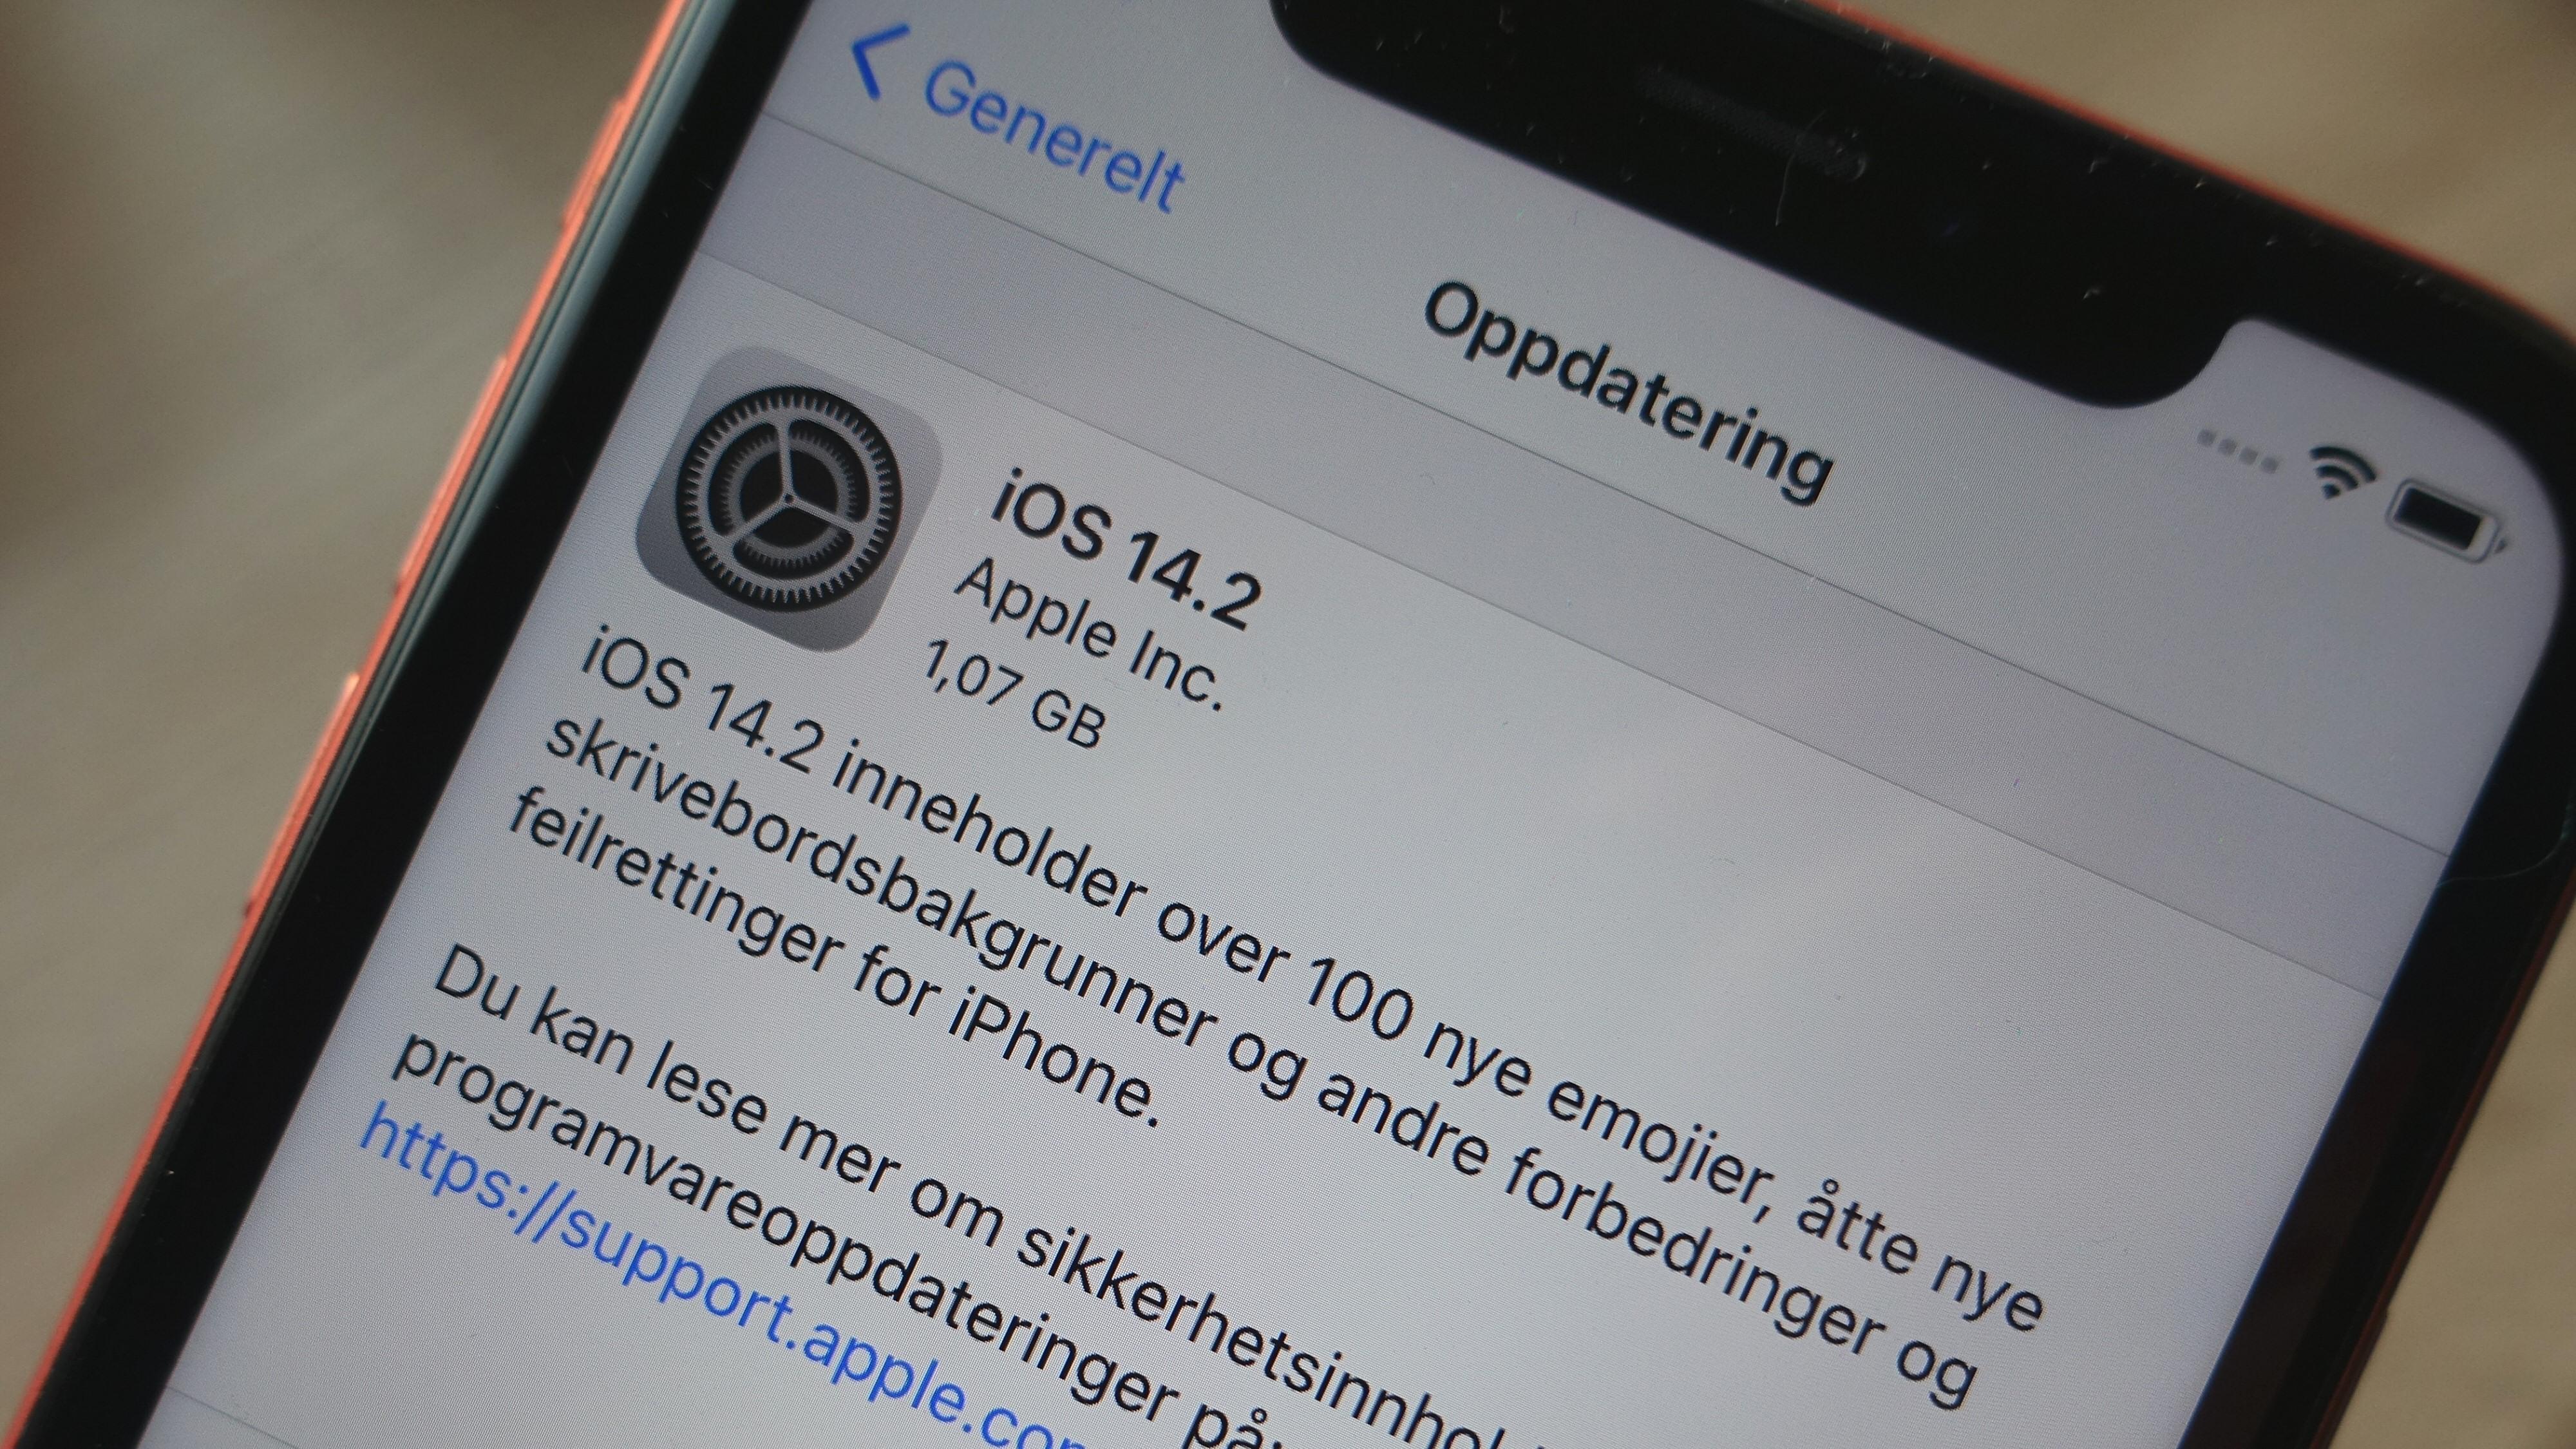 Apple har oppdatert iOS 14